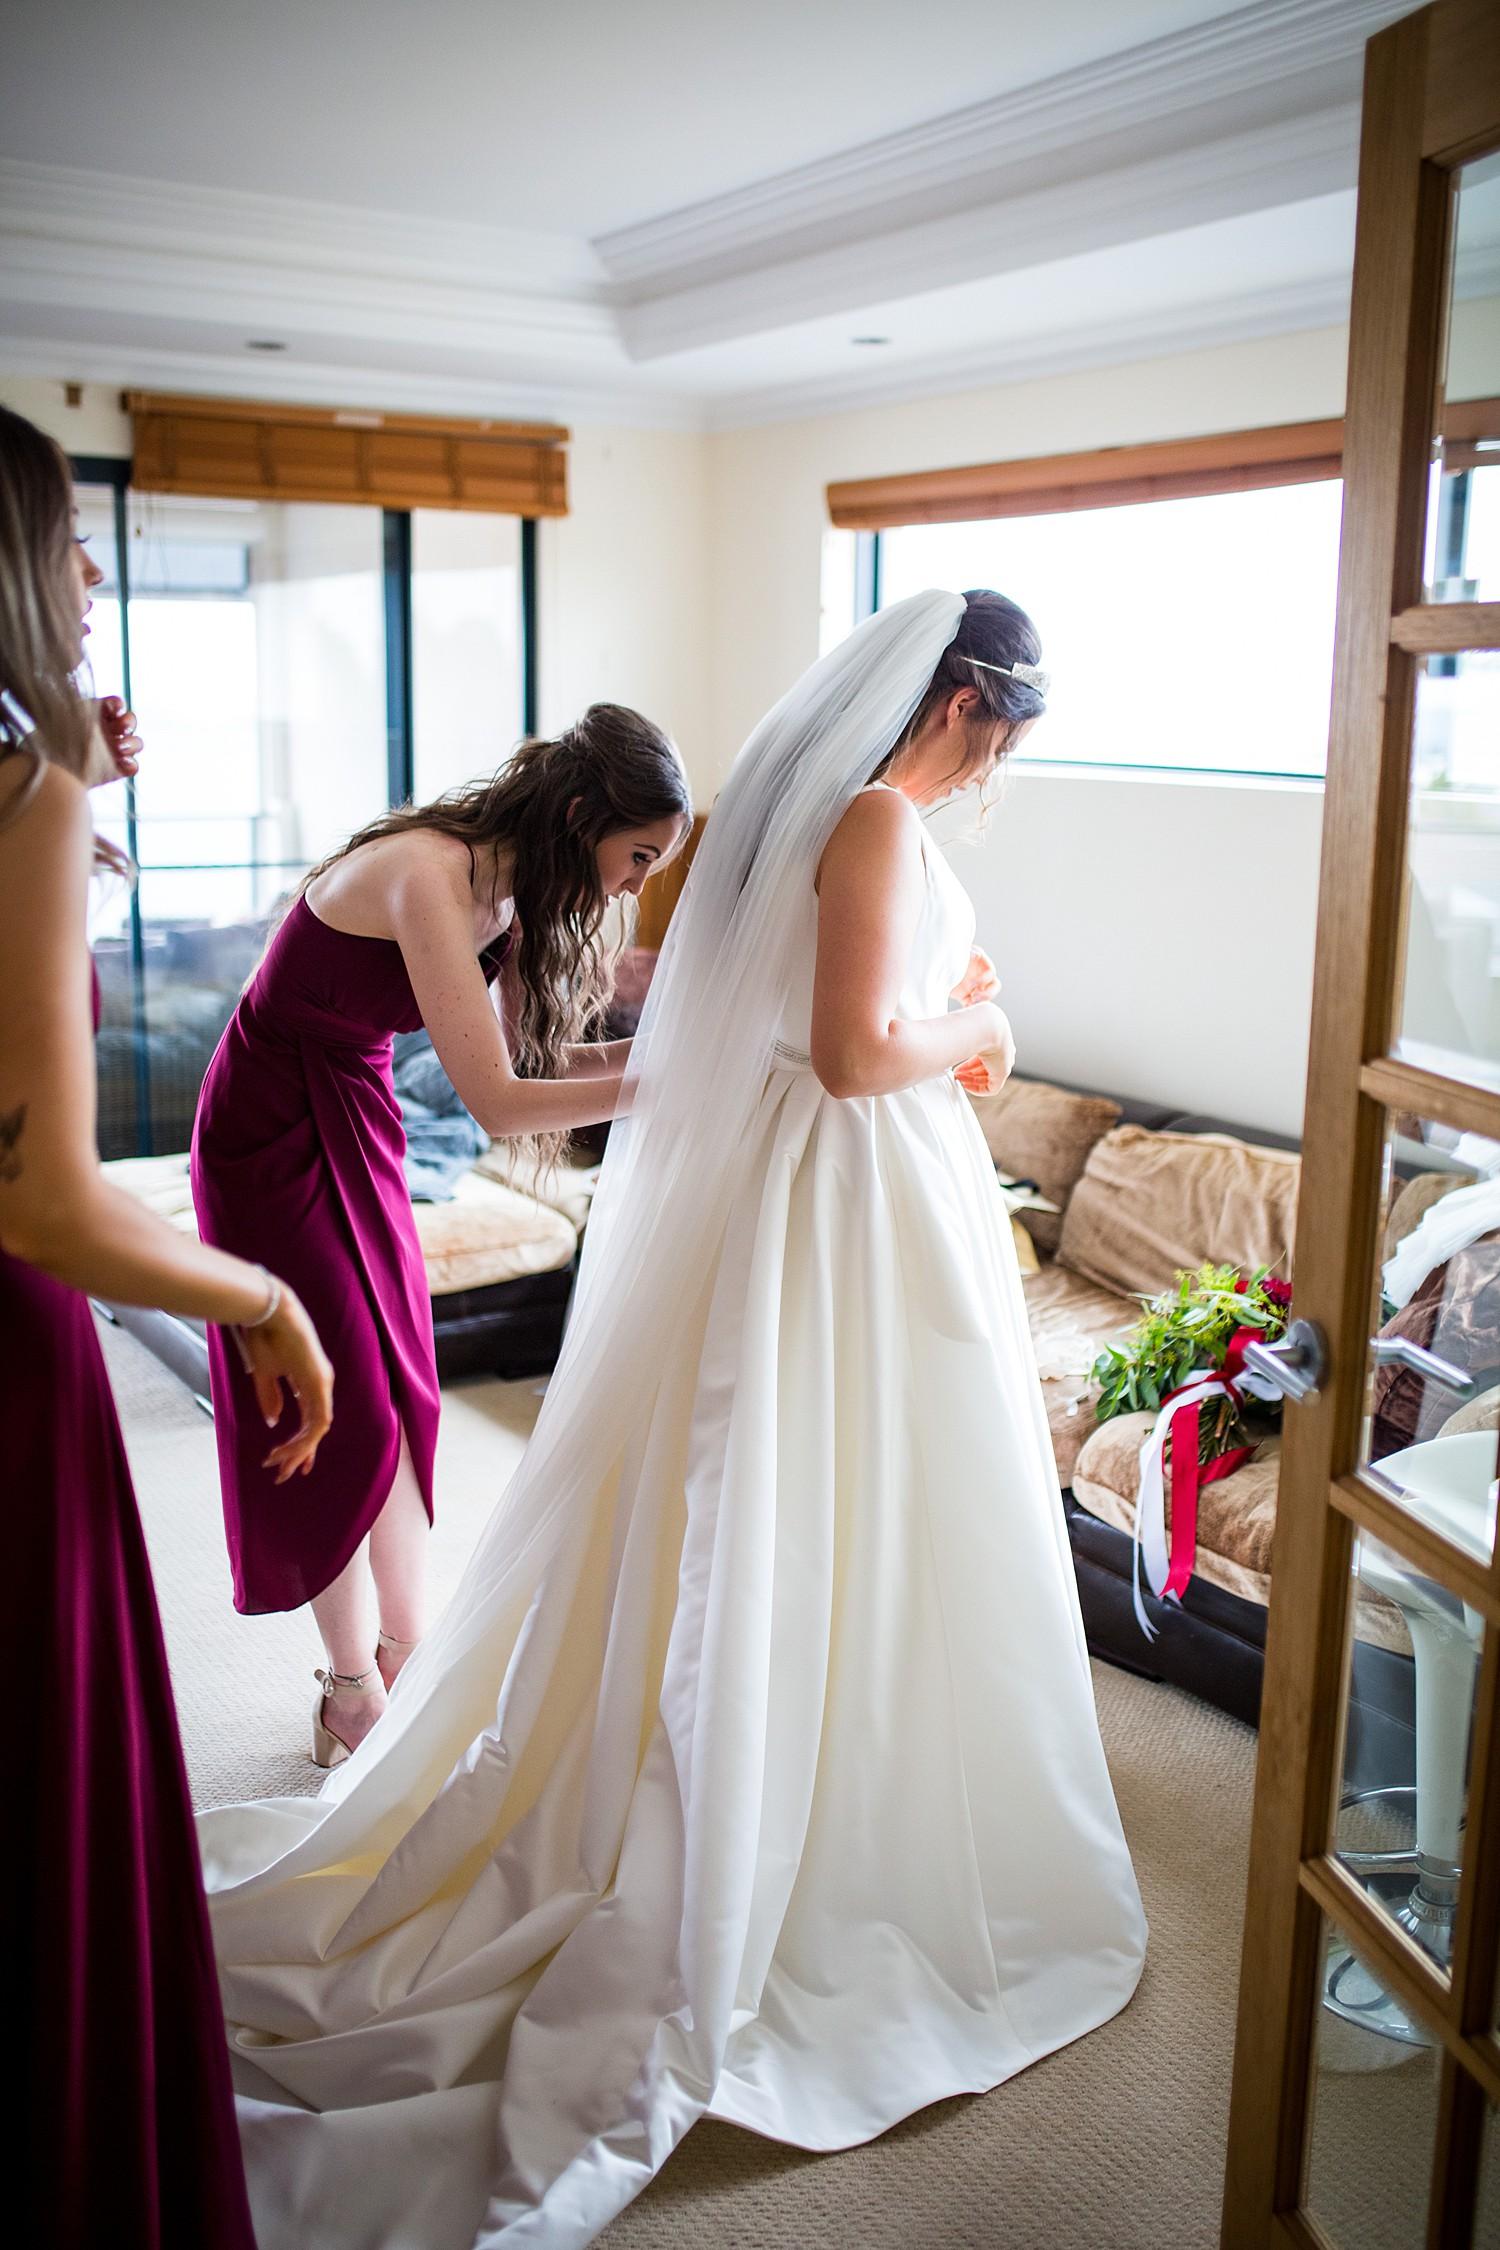 perth_swan_valley_scottish_rainy_wedding_0010.jpg